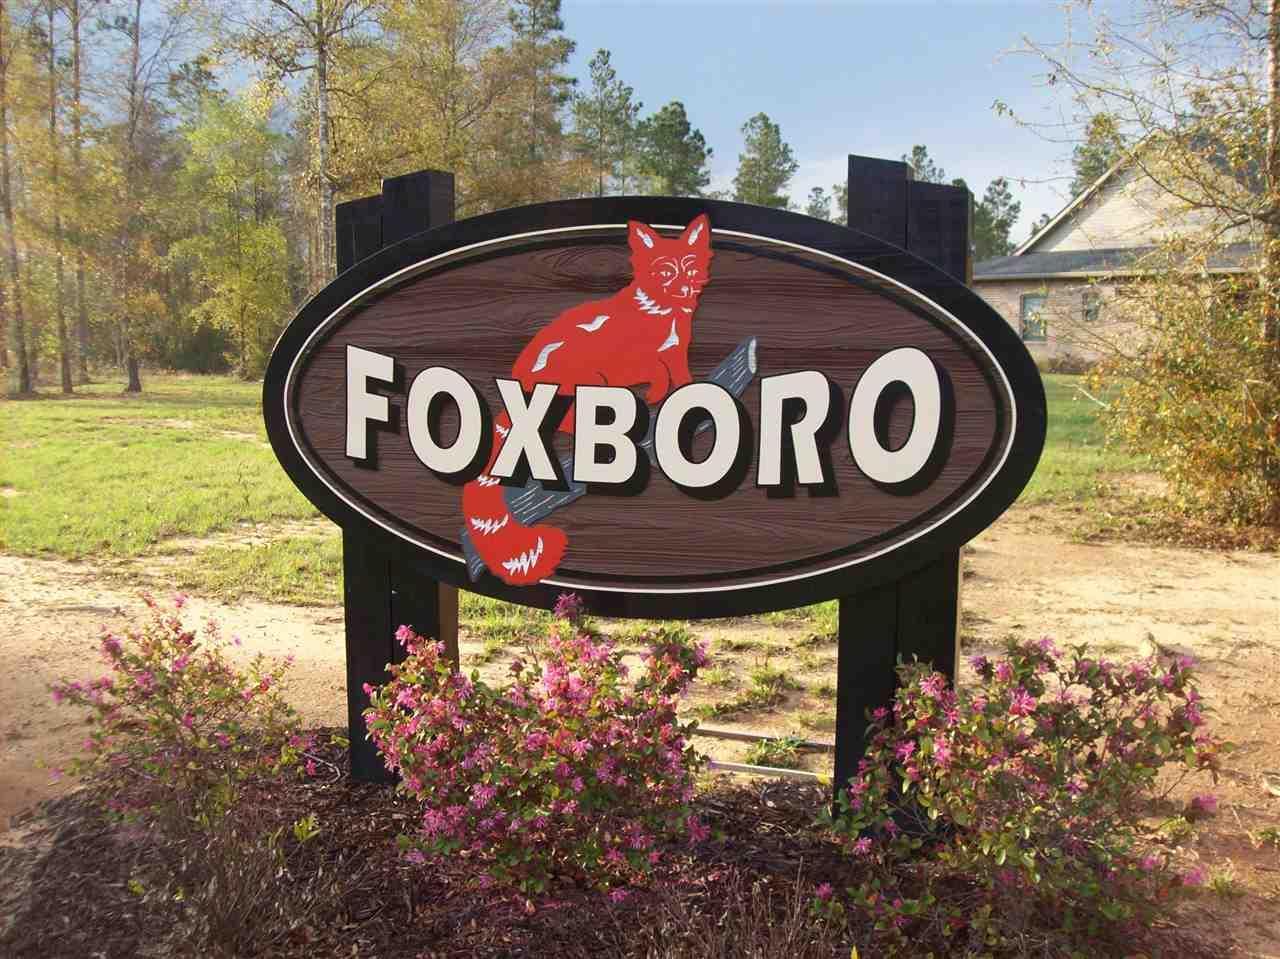 7203 Foxboro Cir, Pace, FL 32571